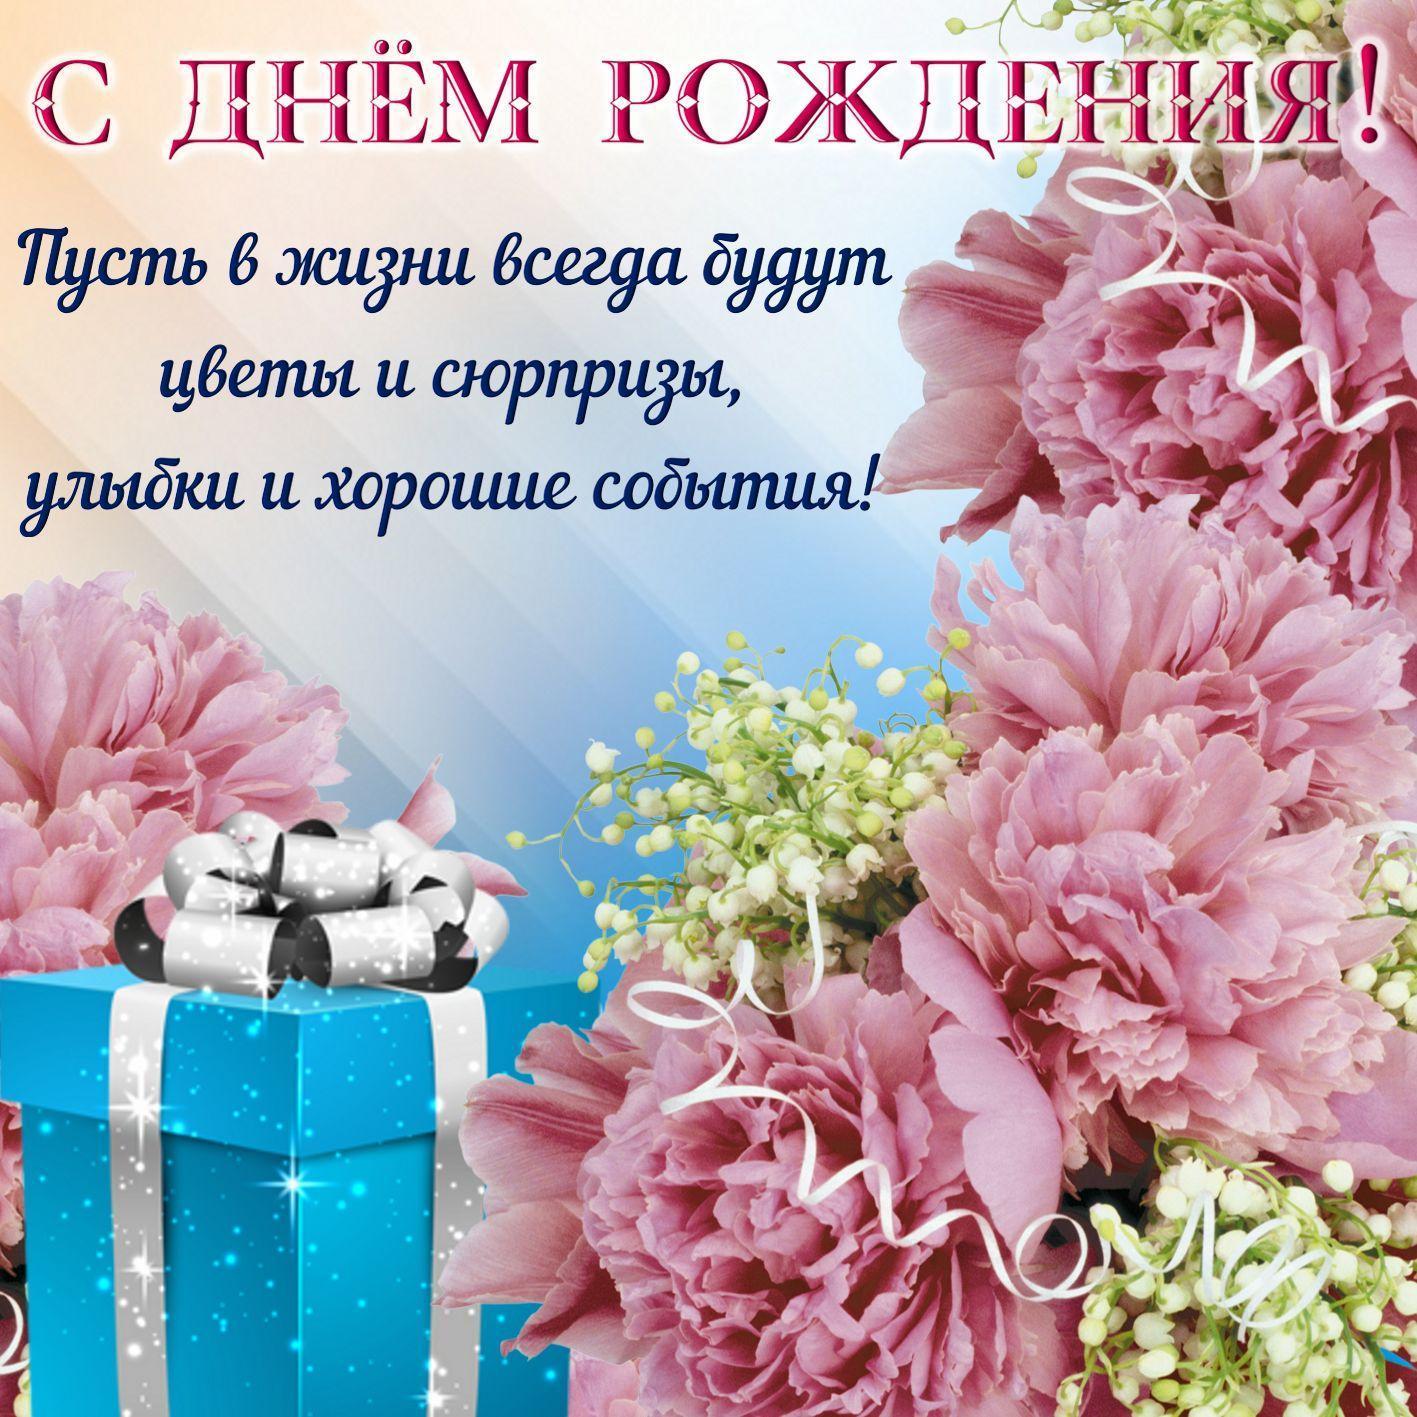 С ден рождения поздравления